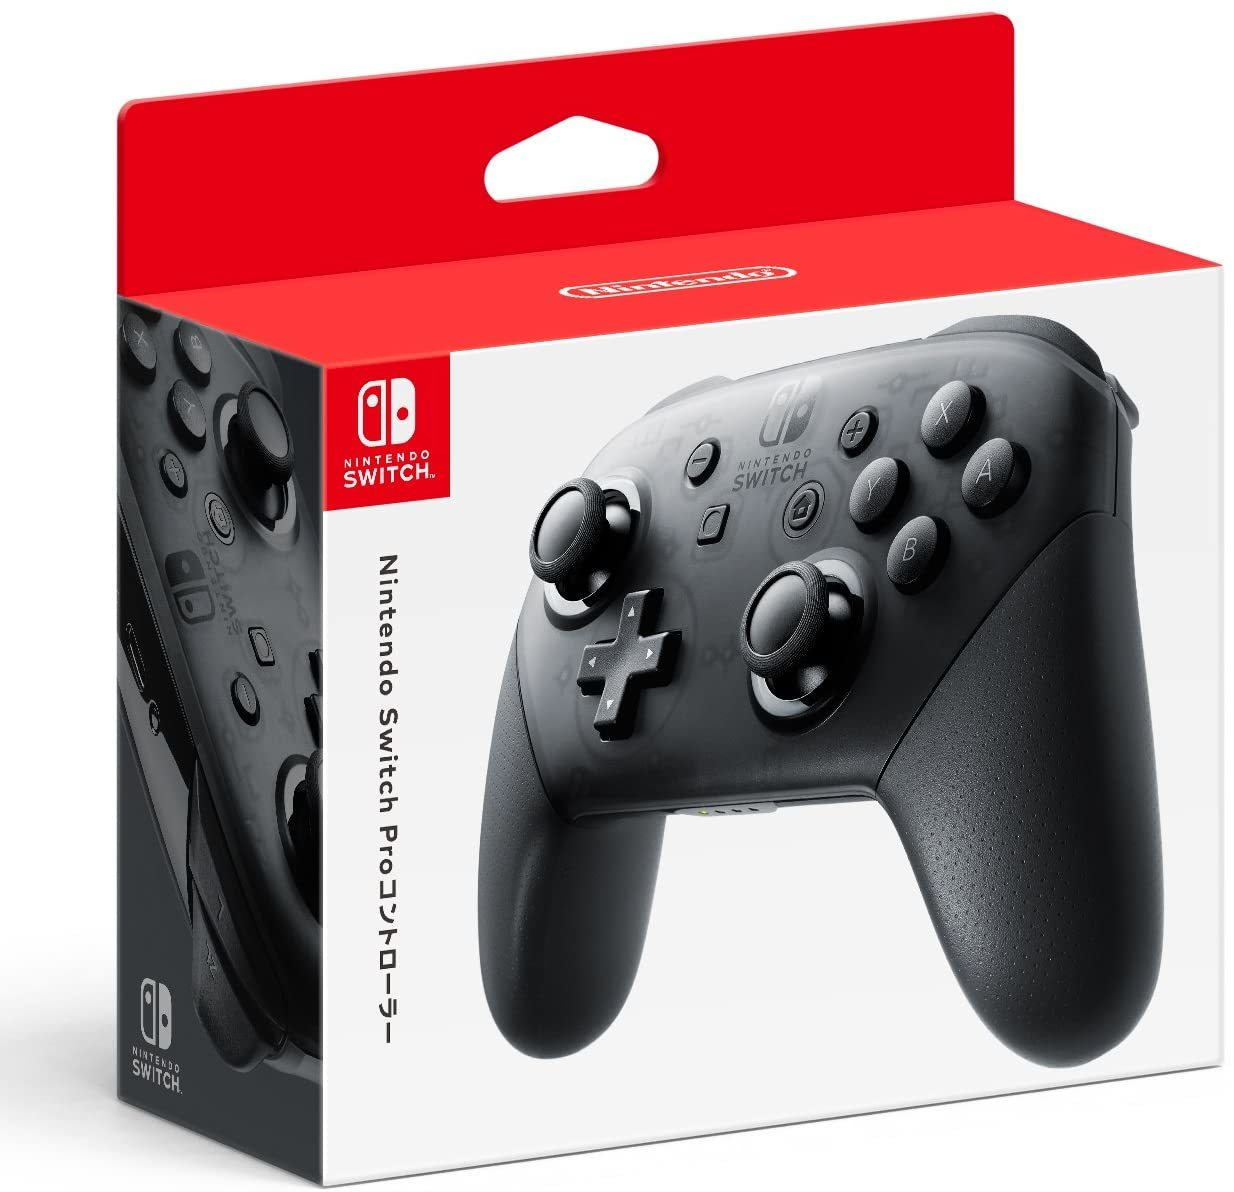 新品 純正品 スーパーセール 任天堂 Nintendo Switch コントローラー HAC-A-FSSKA Proコントローラー 百貨店 Pro